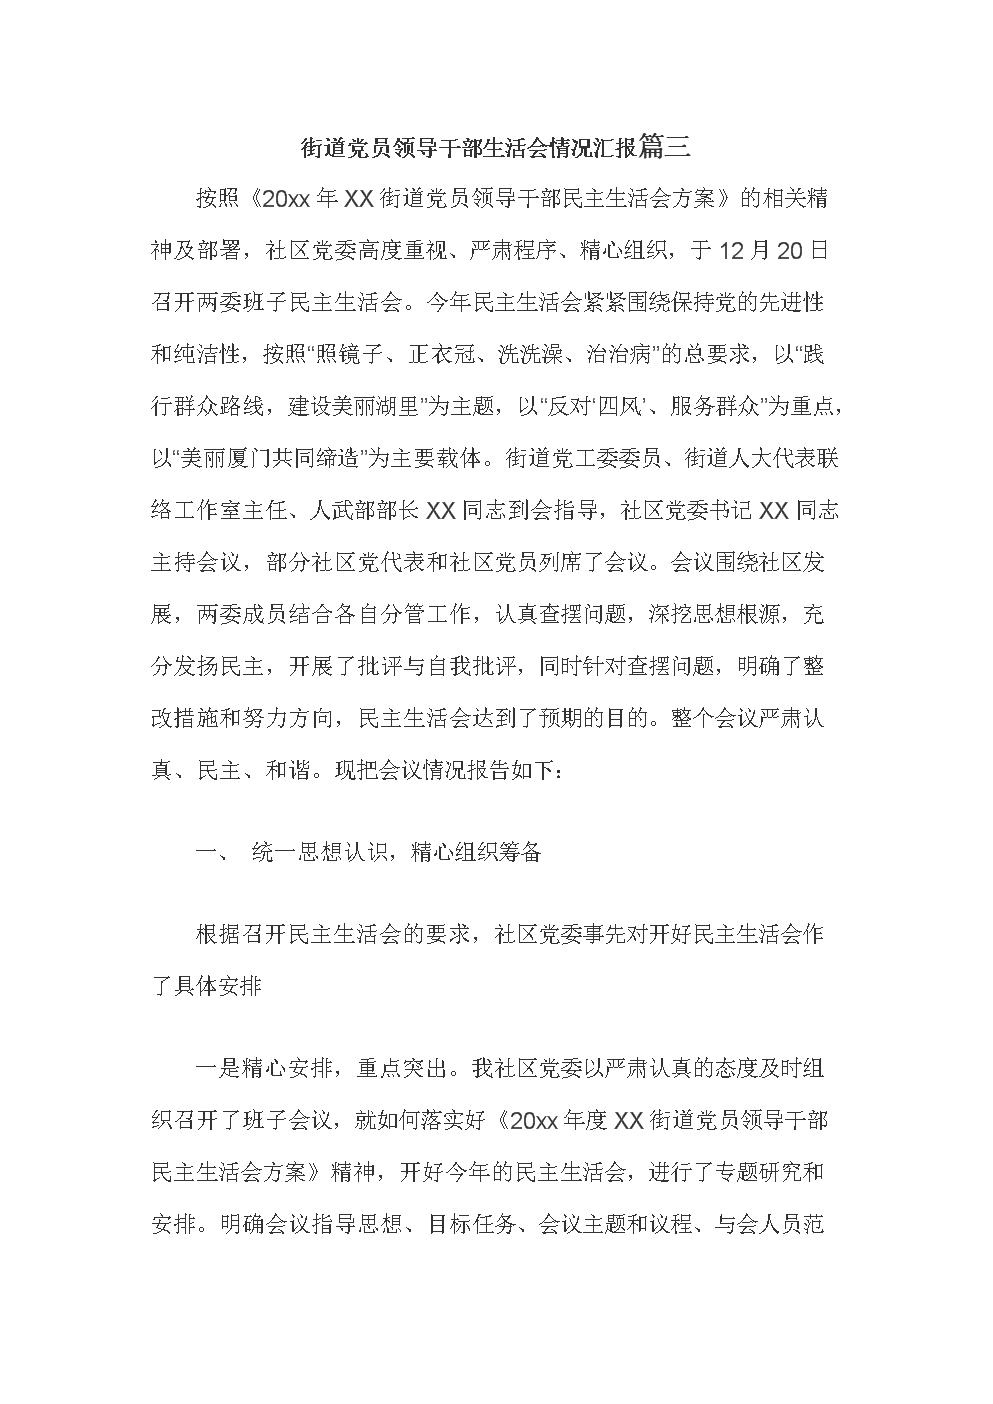 街道党员领导干部生活会情况汇报篇三.doc